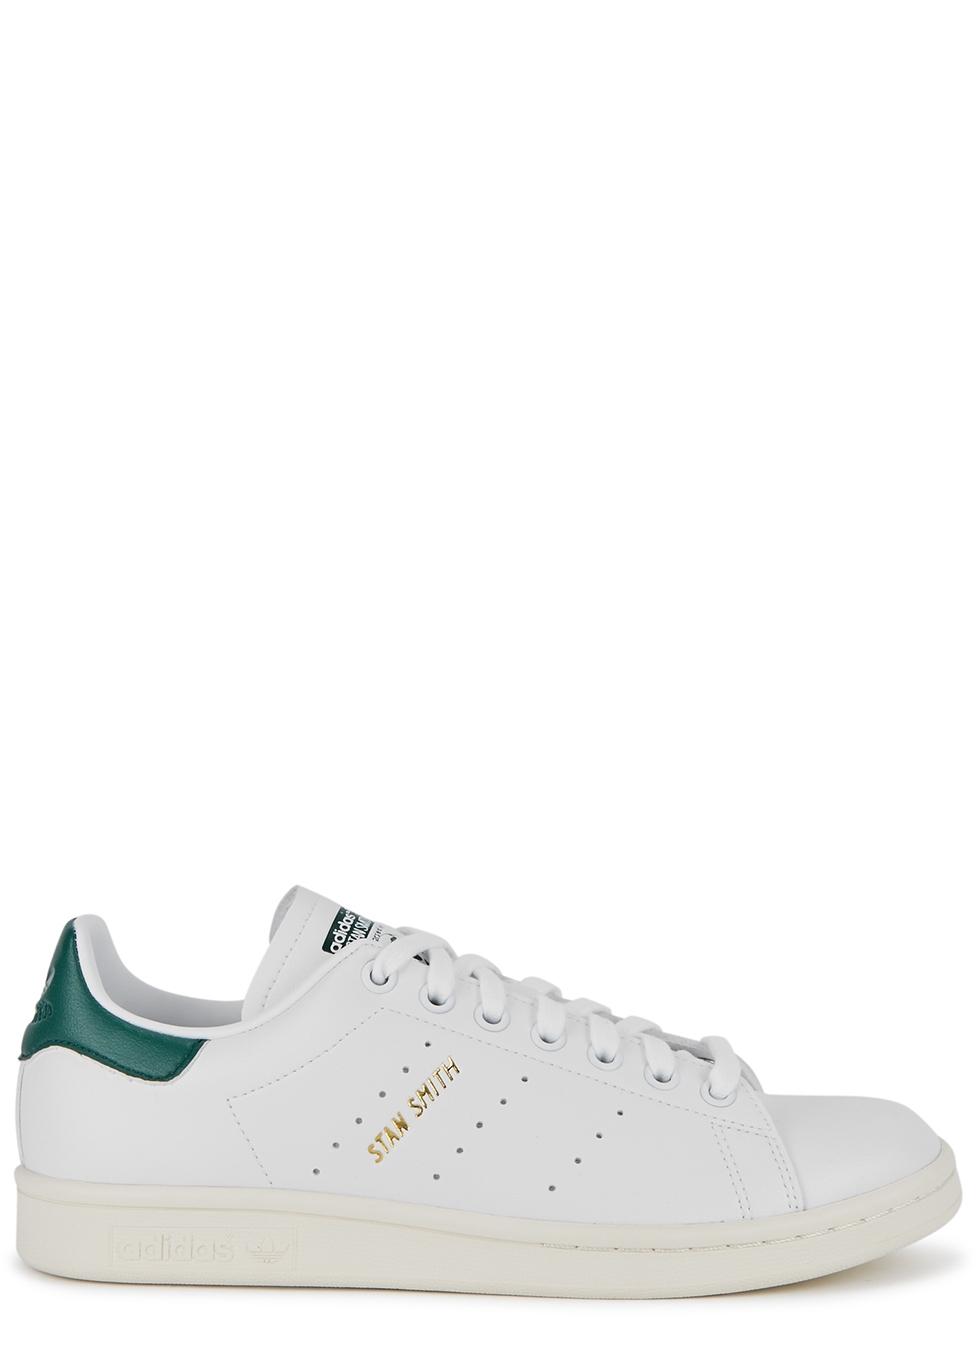 Stan Smith white Primegreen faux leather sneakers